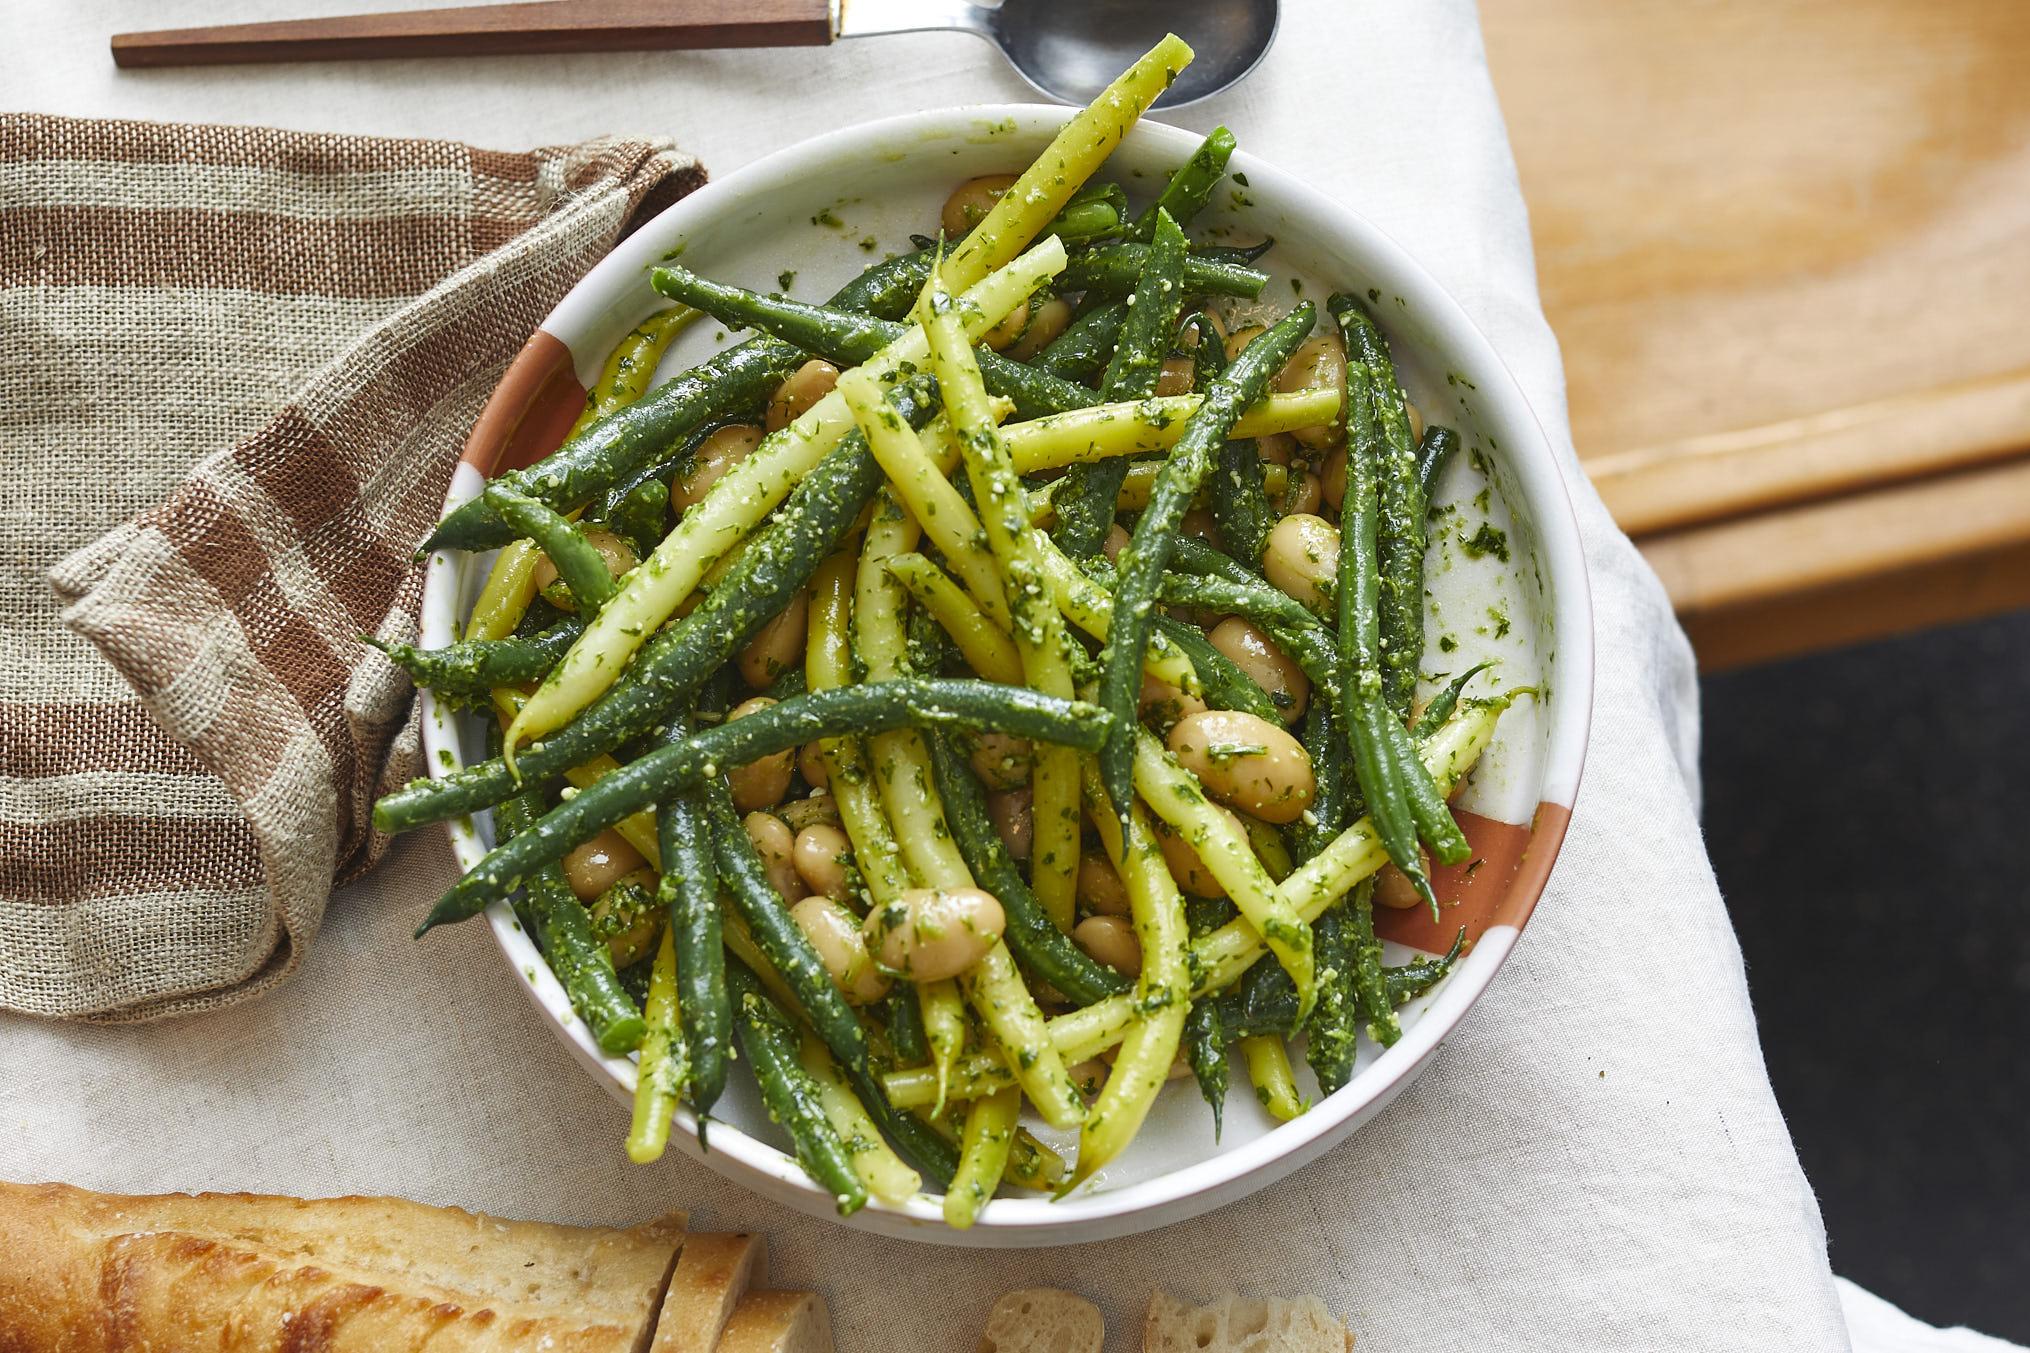 schnittbohnen-salat-kräuter-rezept- 3